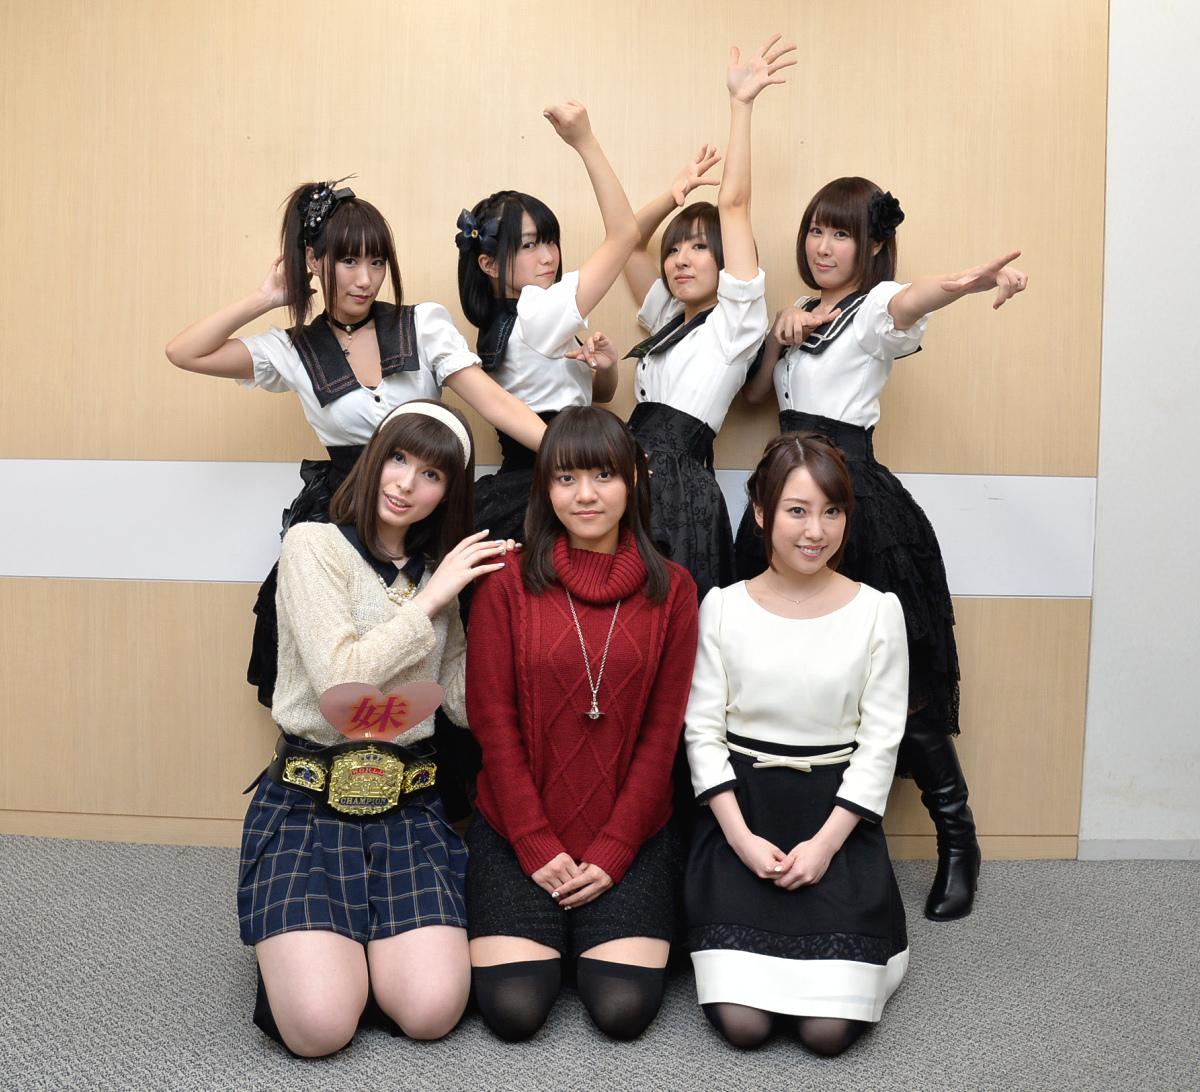 2015년 1월 신작 '신 여동생 마왕의 계약자' 이벤트가..